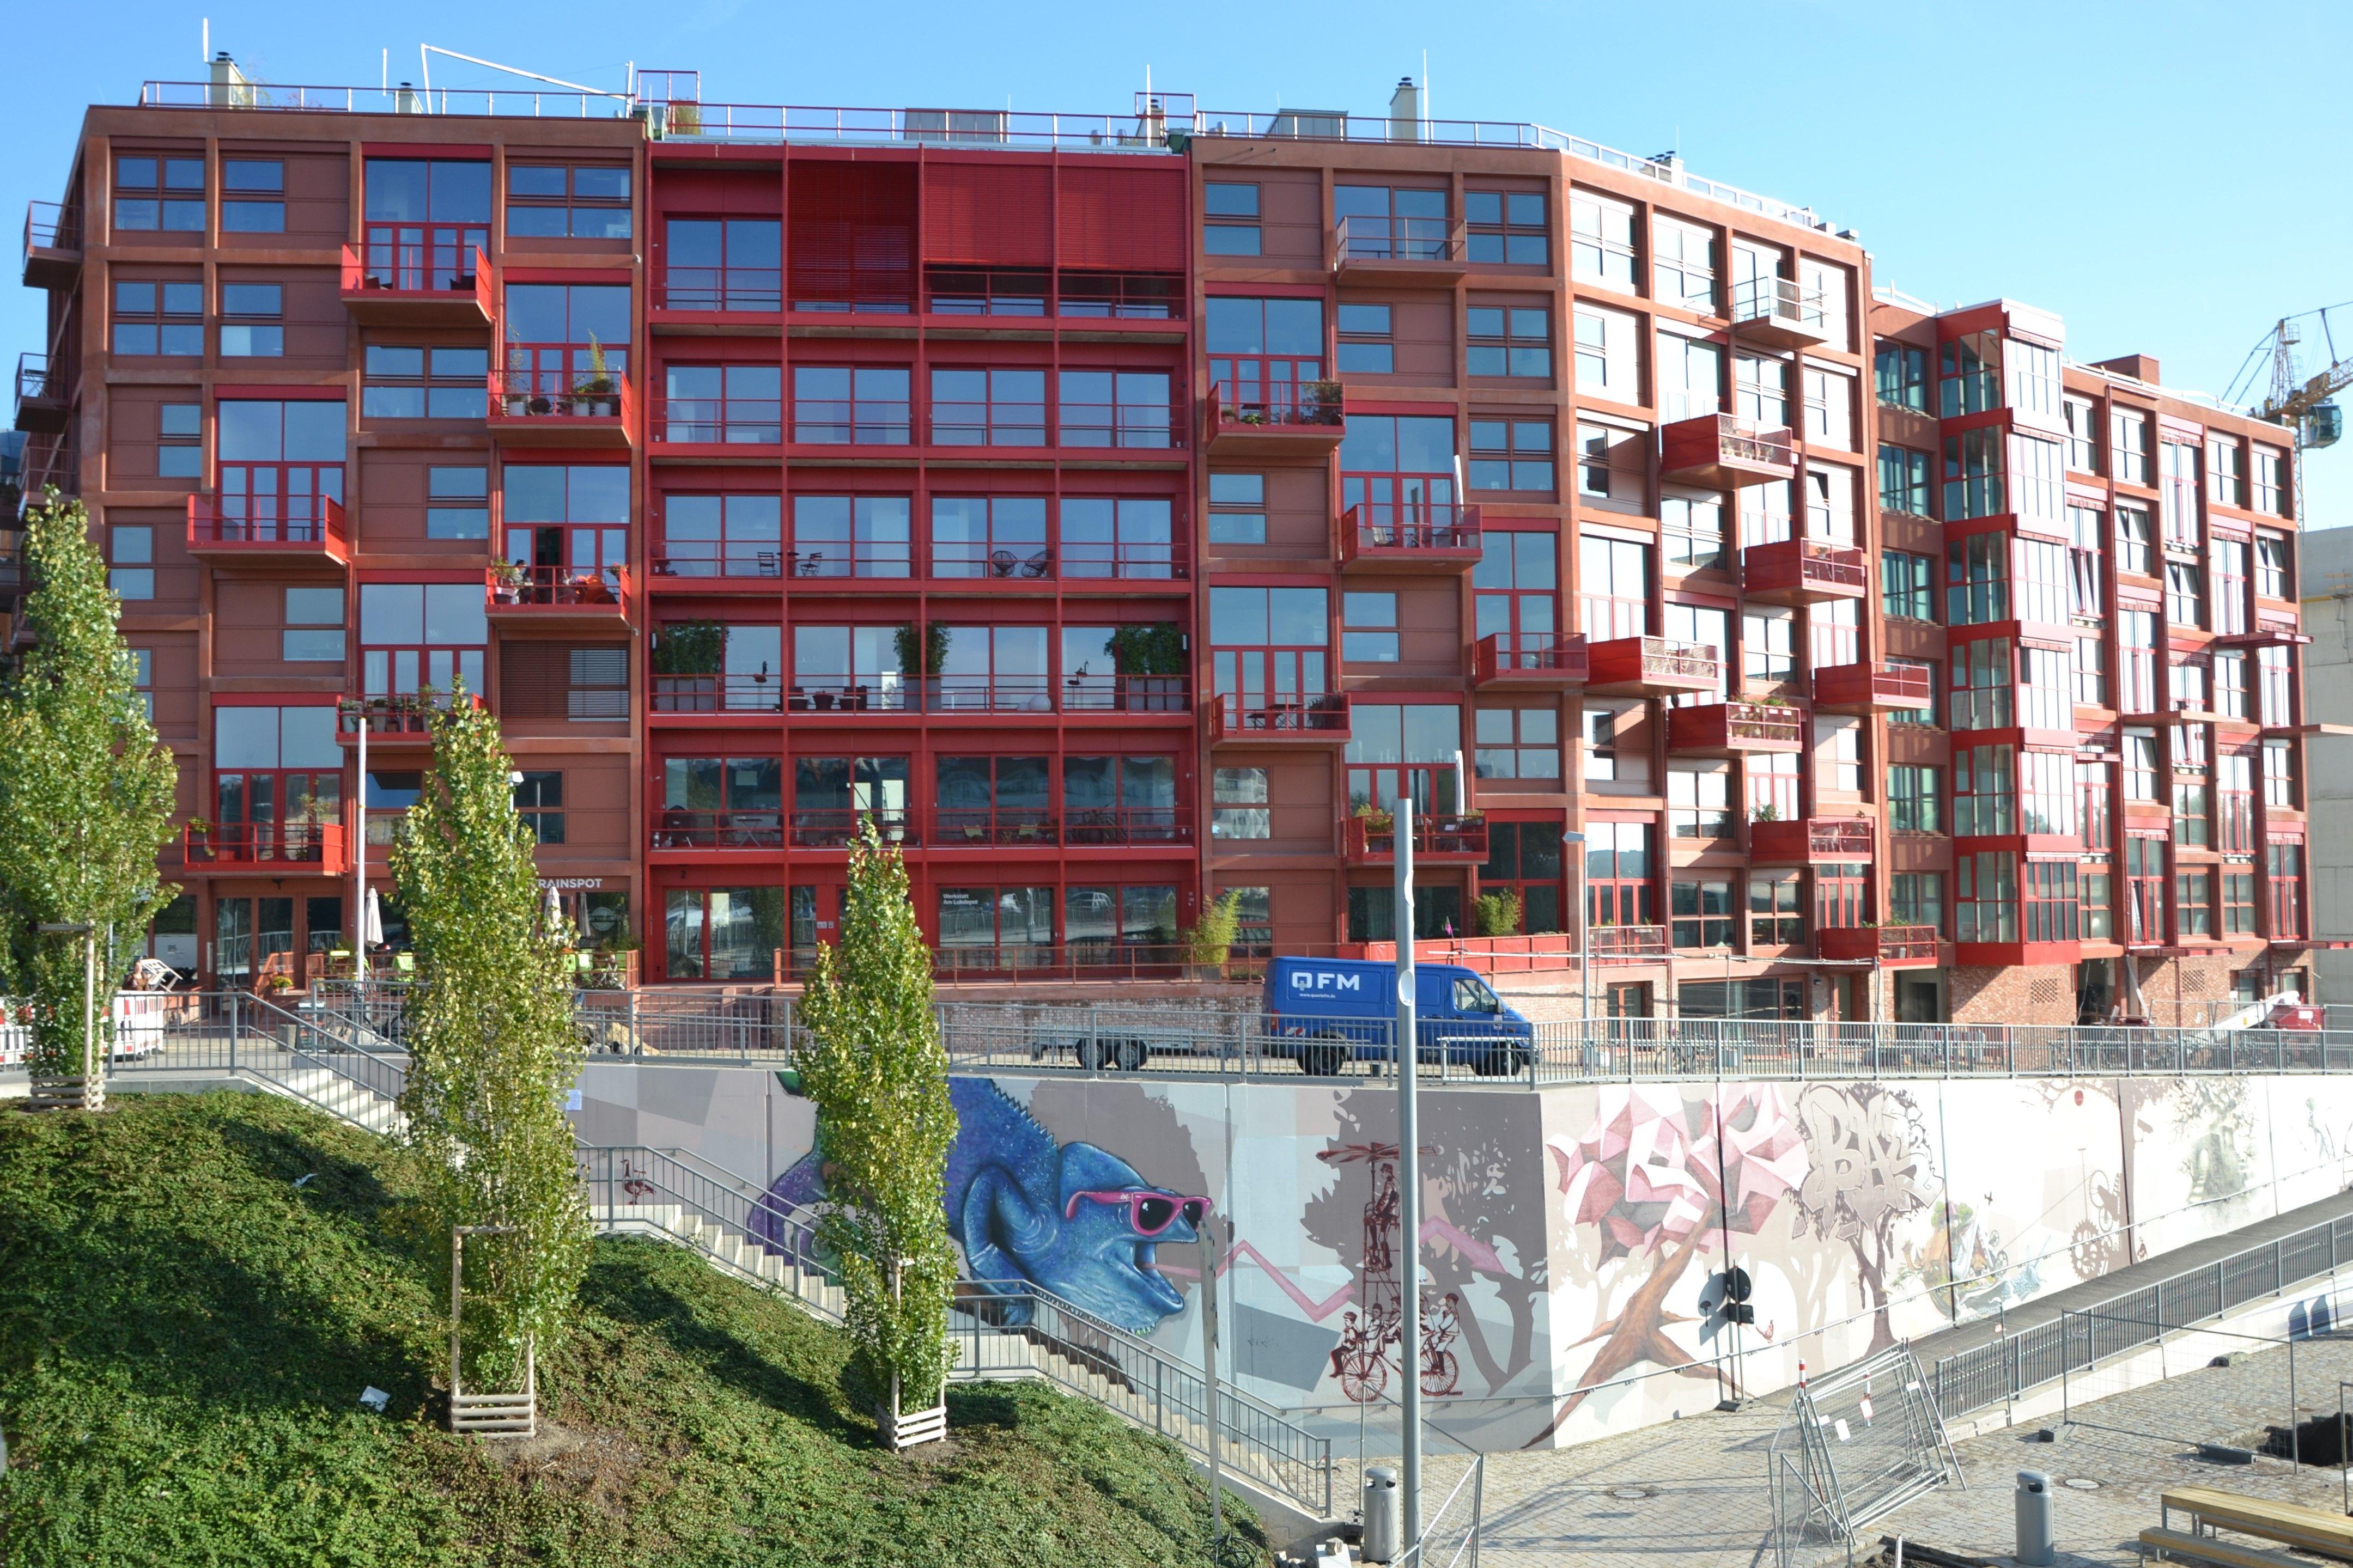 Lokdepot Berlin wohnen am lokdepot suche berlin 1989 bis heute